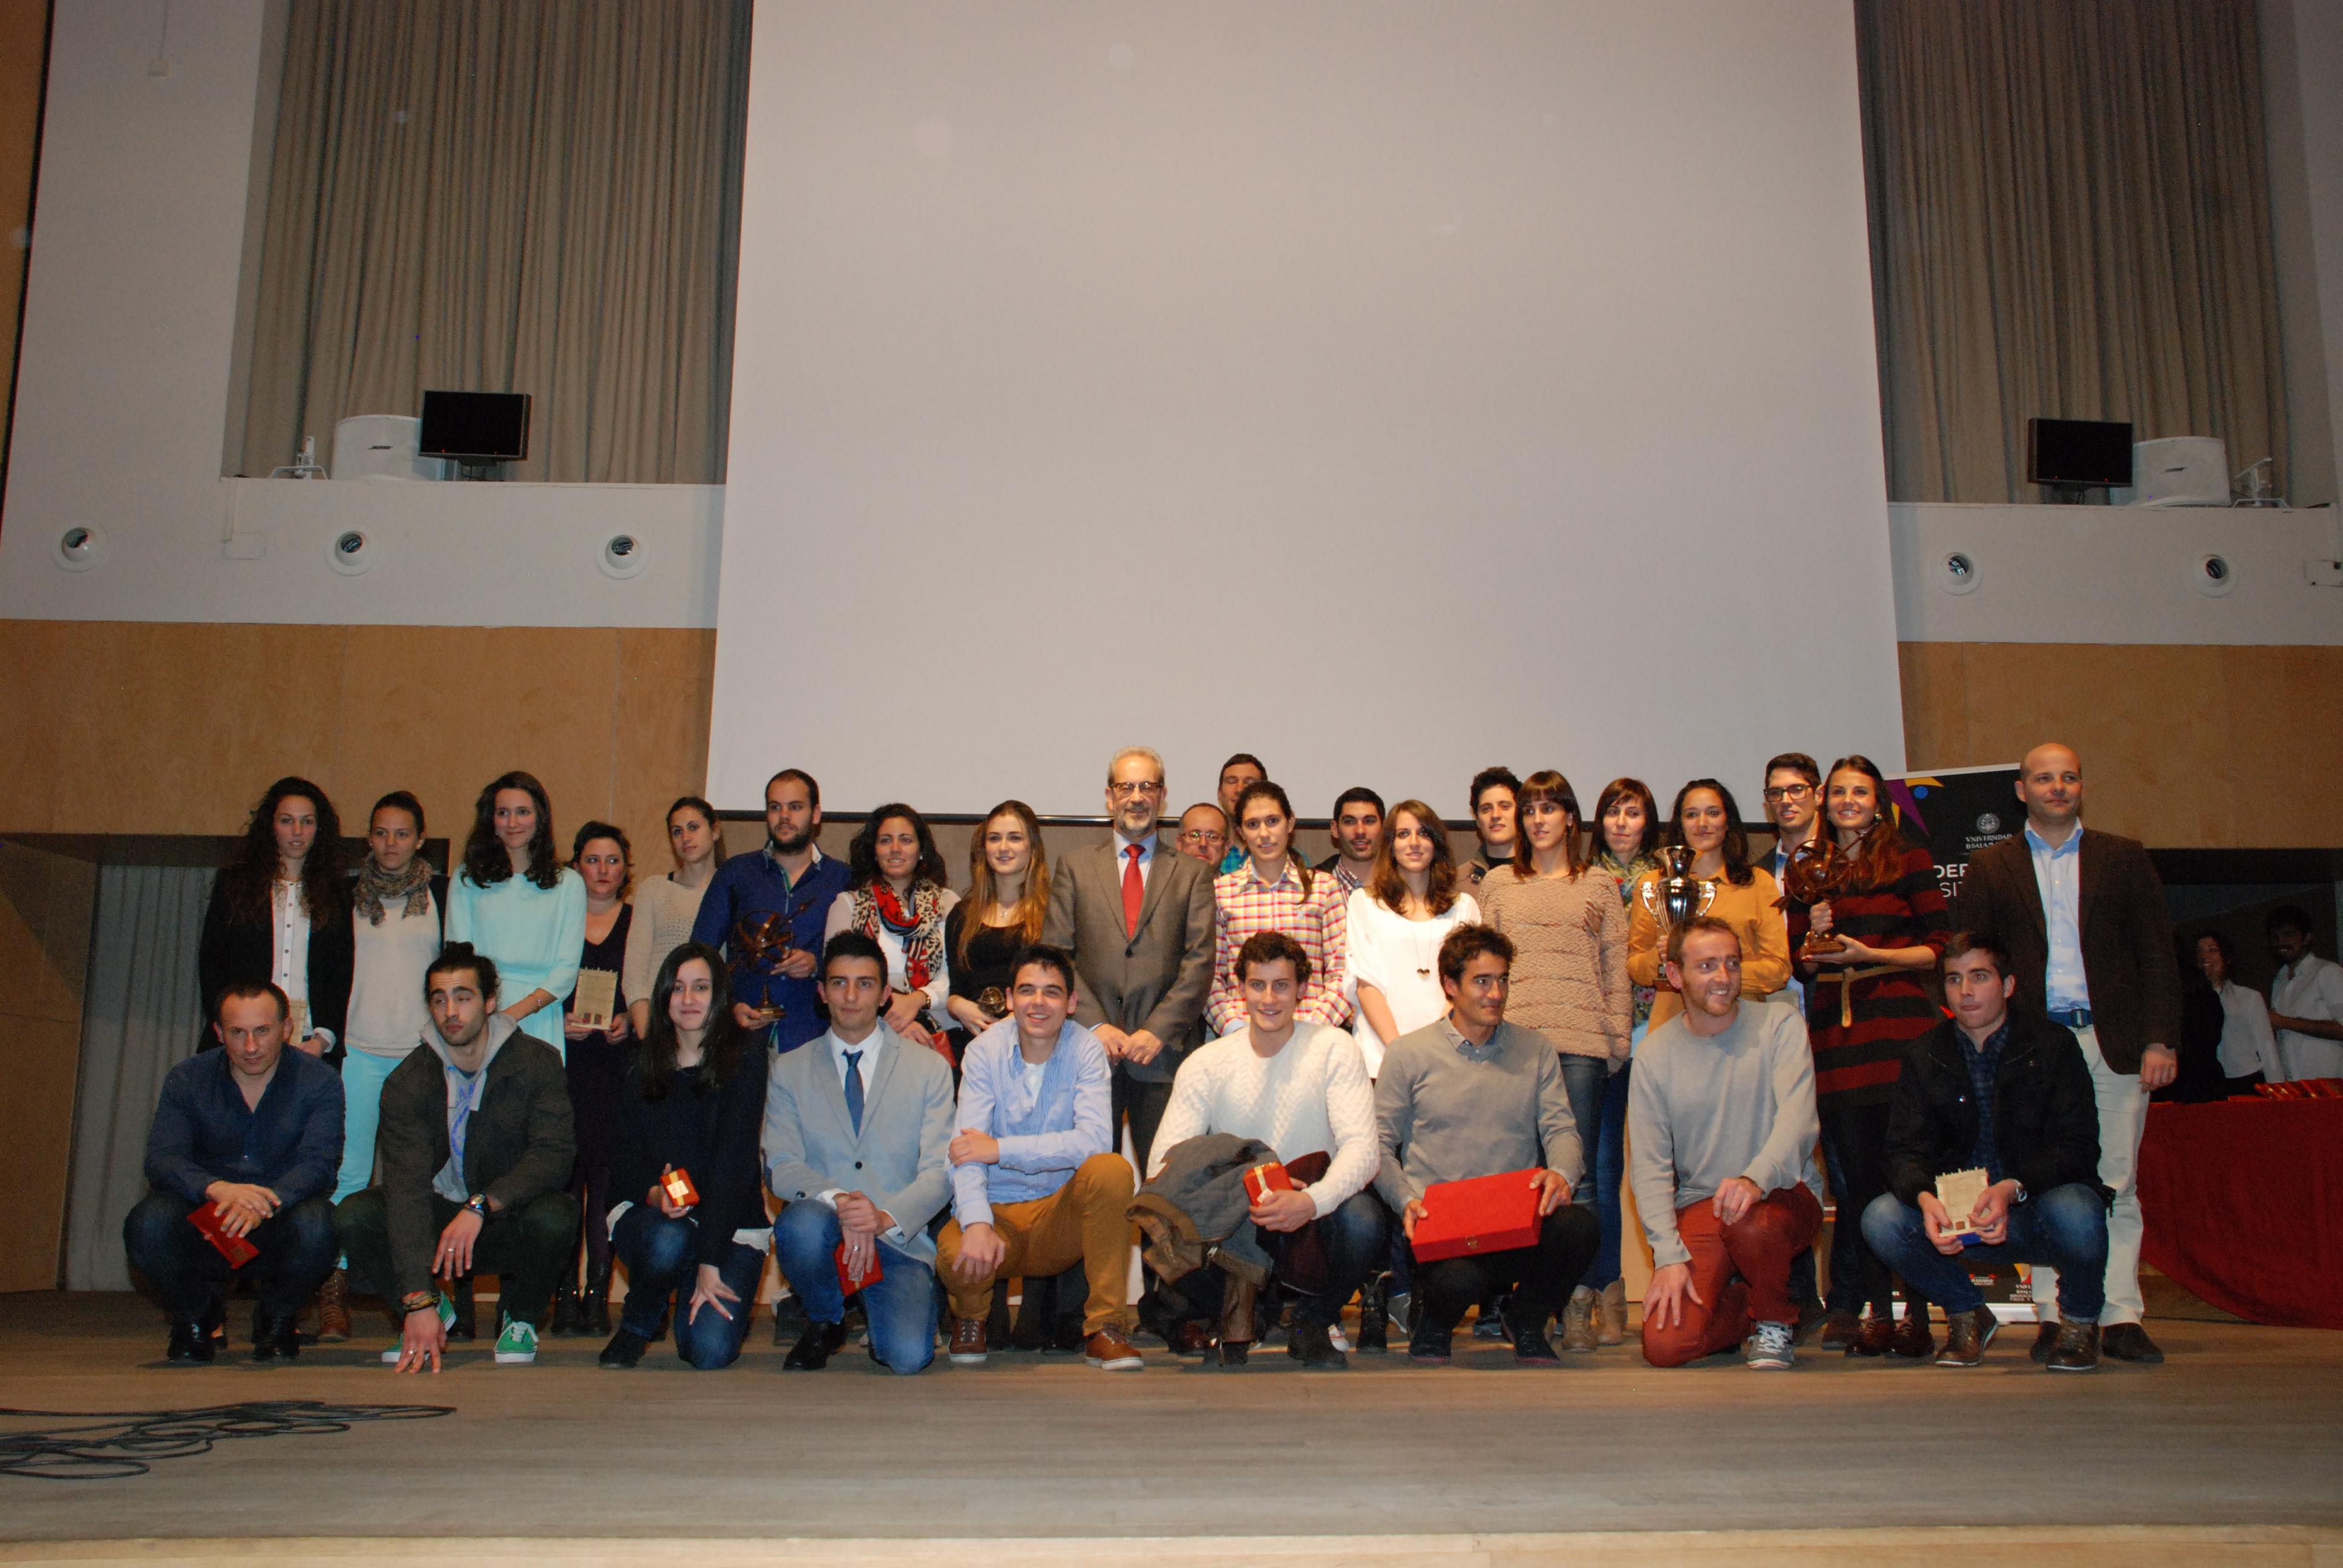 Ciencias Sociales celebra la festividad de su patrón con un amplio programa de actividades en conmemoración del Día Internacional de los Derechos Humanos